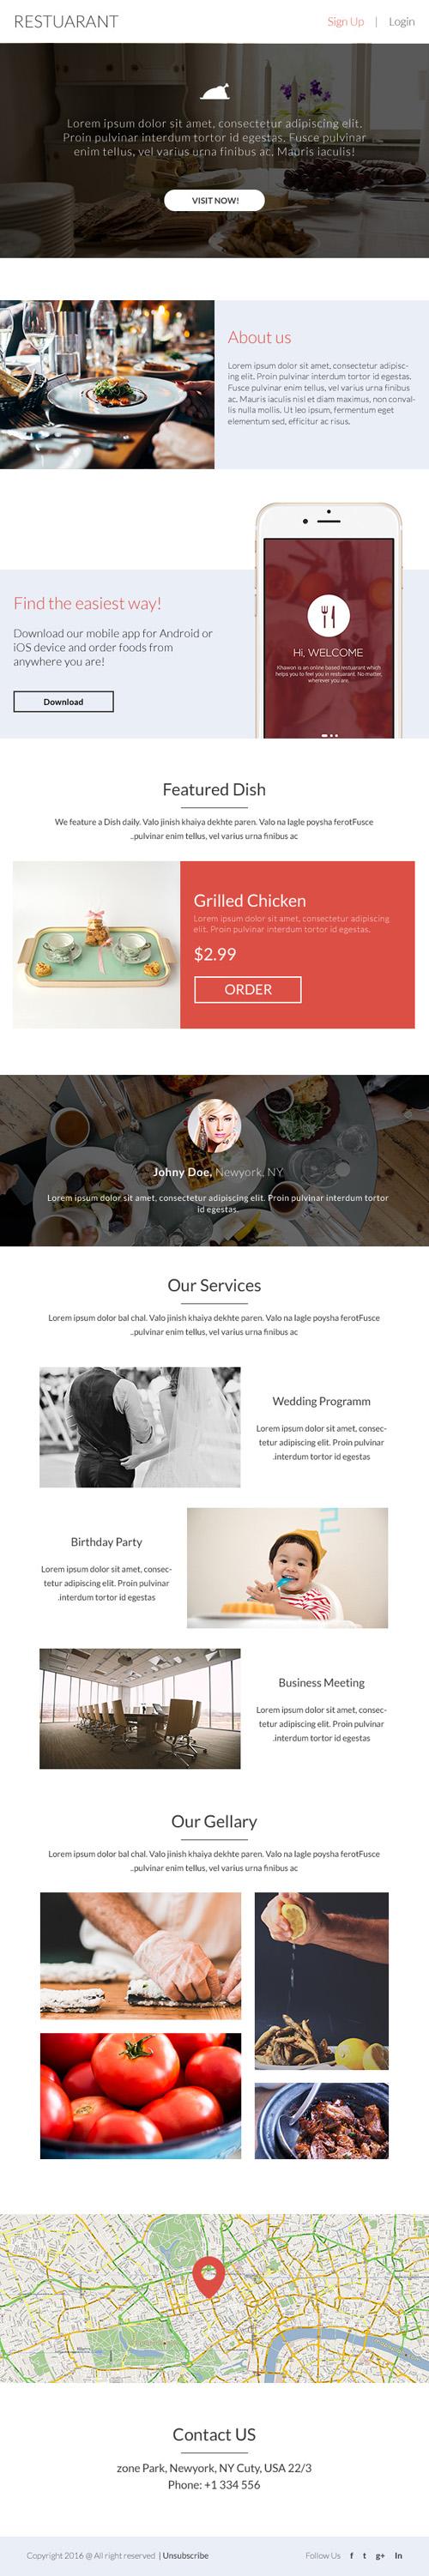 Шаблон сайта ресторана